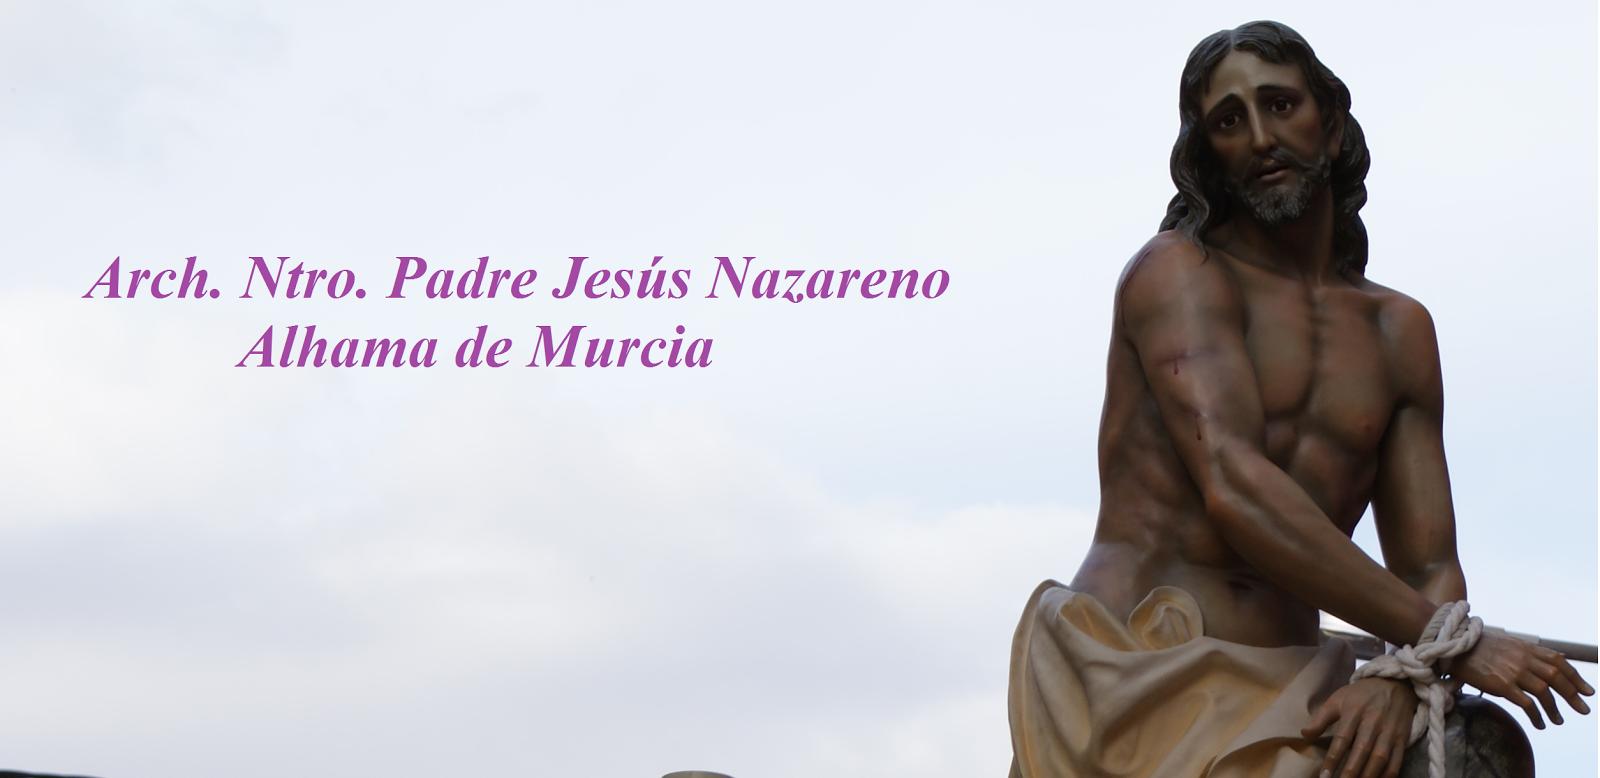 Archicofradía de Nuestro Padre Jesús Nazareno de Alhama (Murcia)